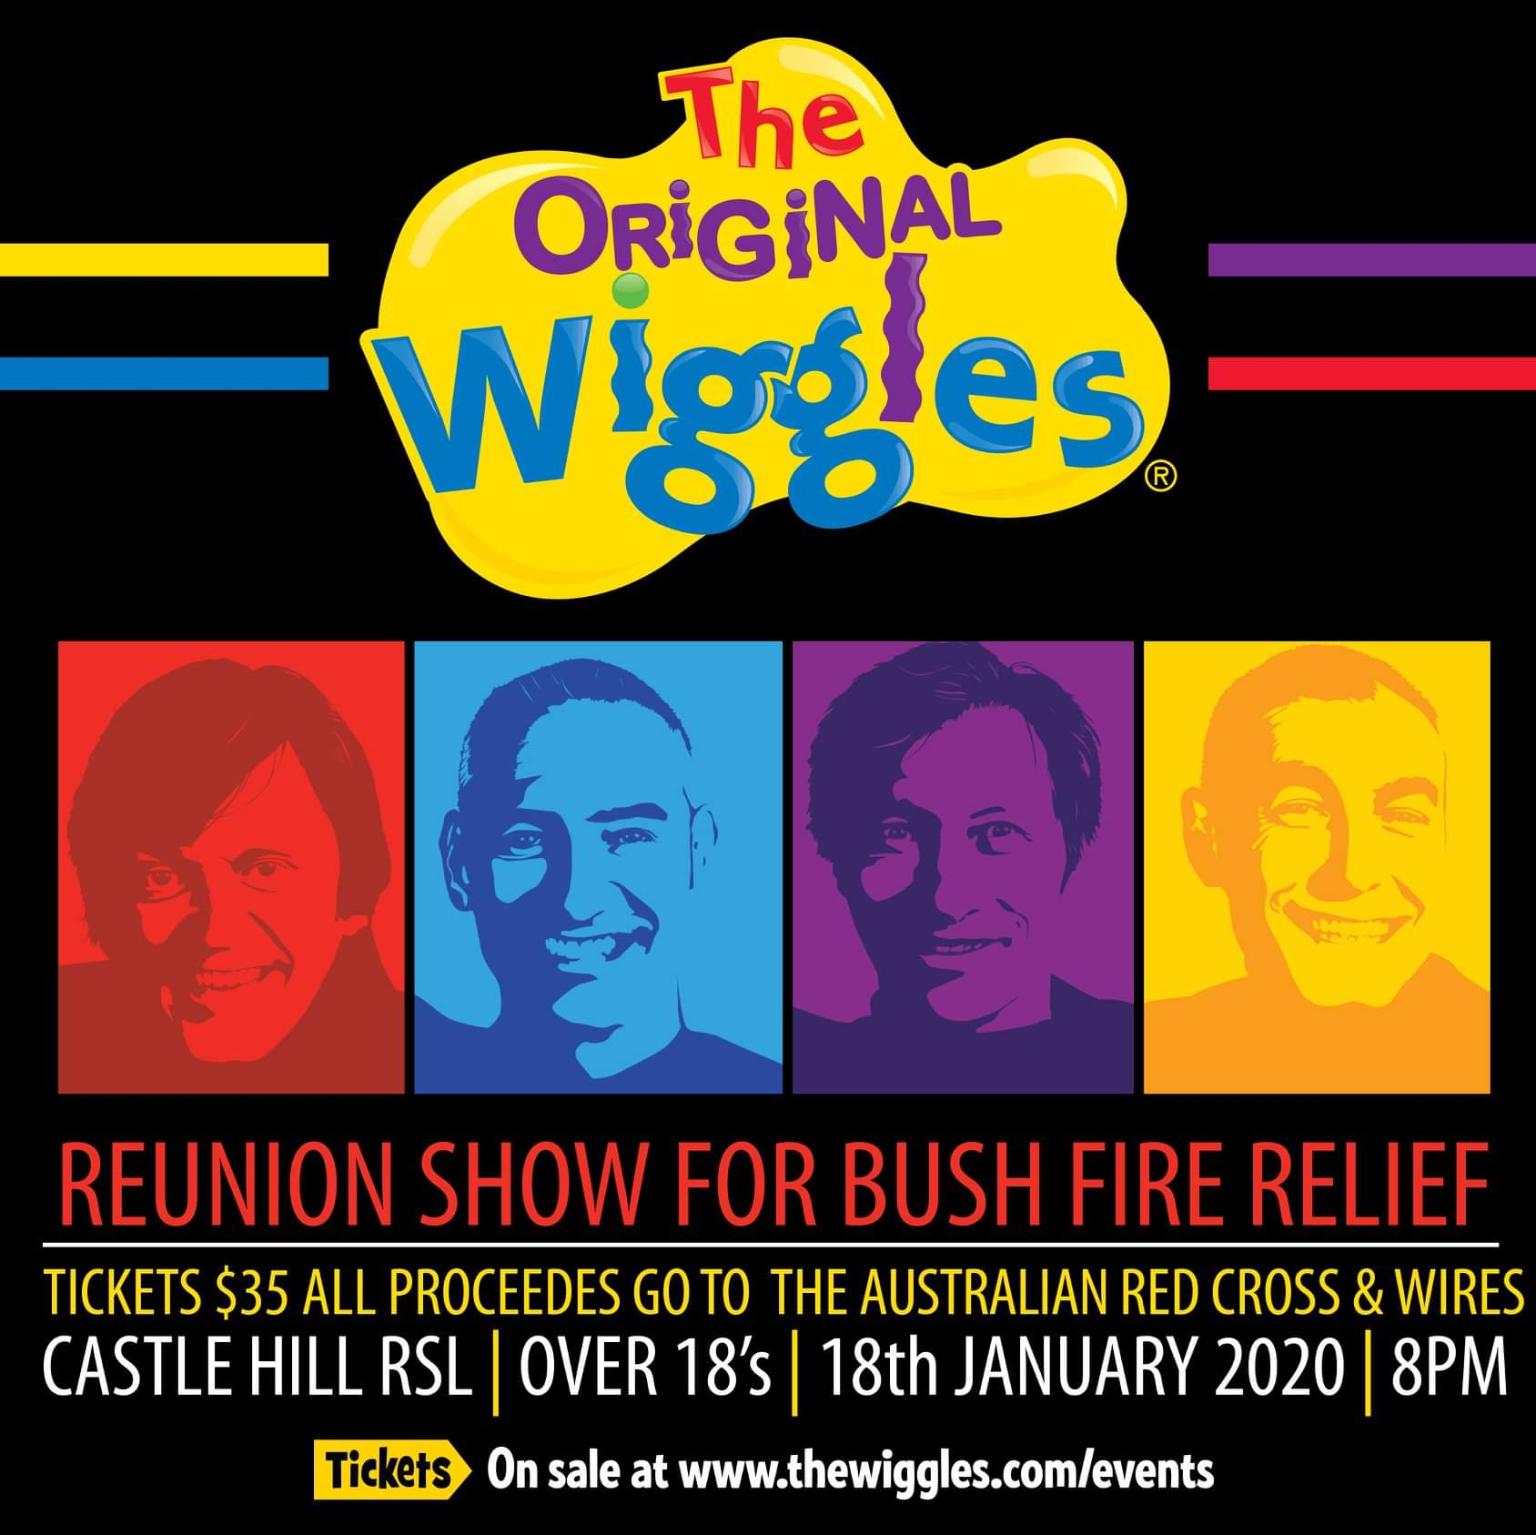 The Original Wiggles Reunion Show For Bush Fire Relief